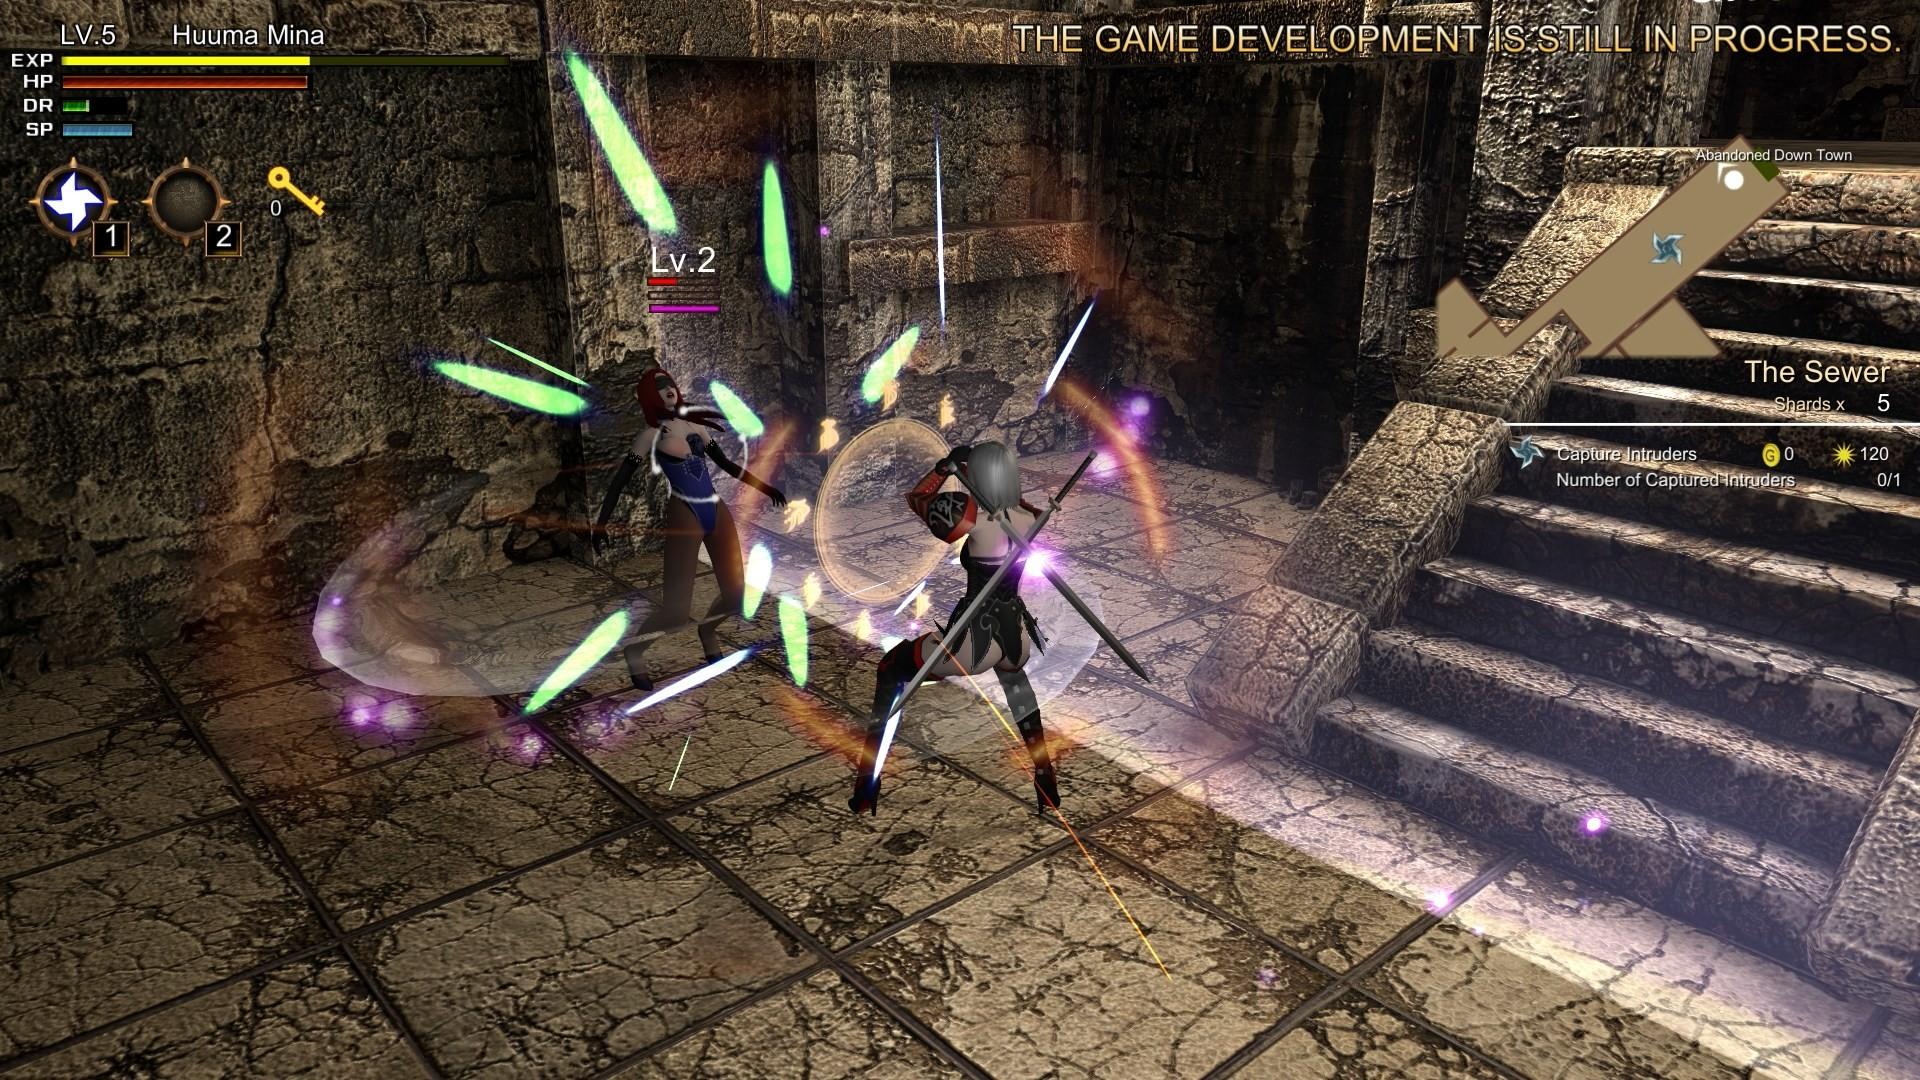 18禁砍殺遊戲《風魔米娜》上架Steam!追加露點DLC還有彩蛋「韓四掌」!